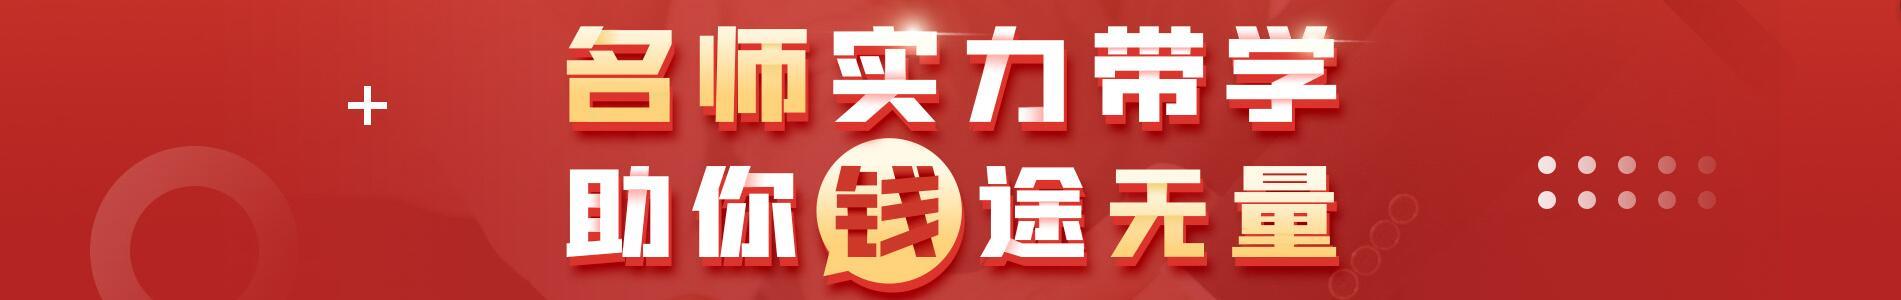 滨州学天教育